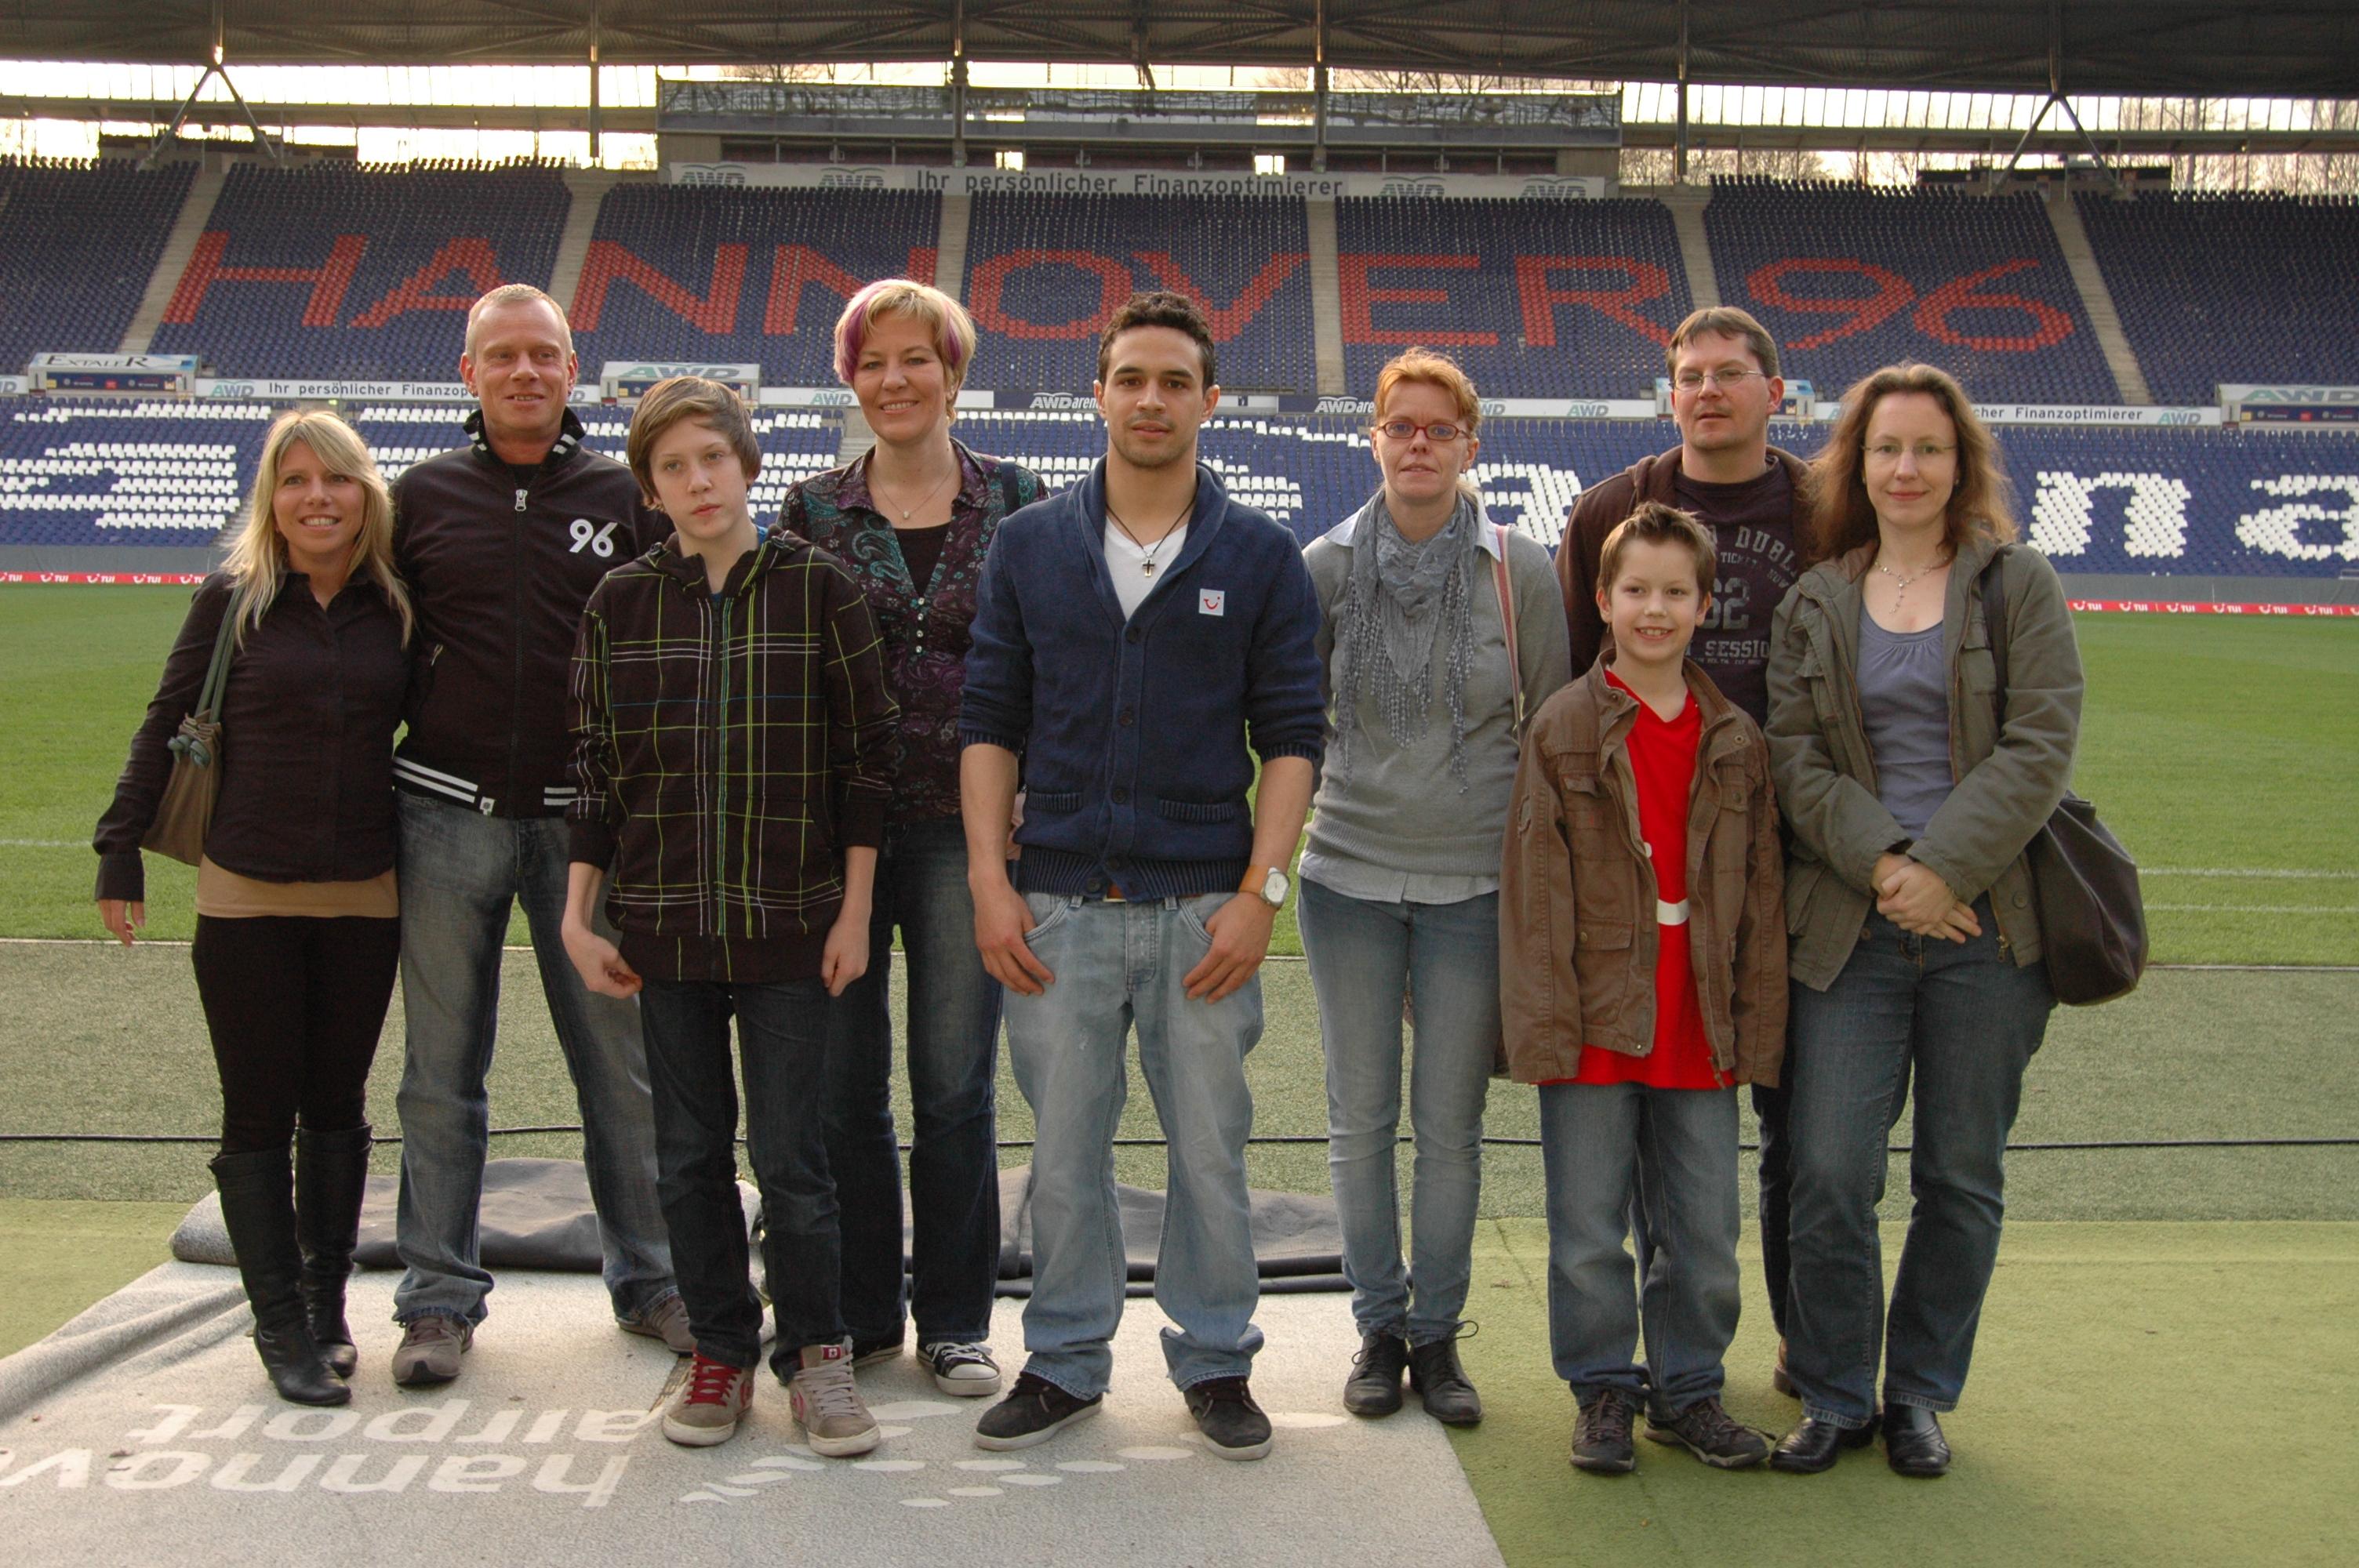 """Die Gewinner der """"Meet & Greet""""-Aktion auf facebook mit Manuel Schmiedebach von Hannover 96 (Foto: Hannoversche Volksbank eG)"""